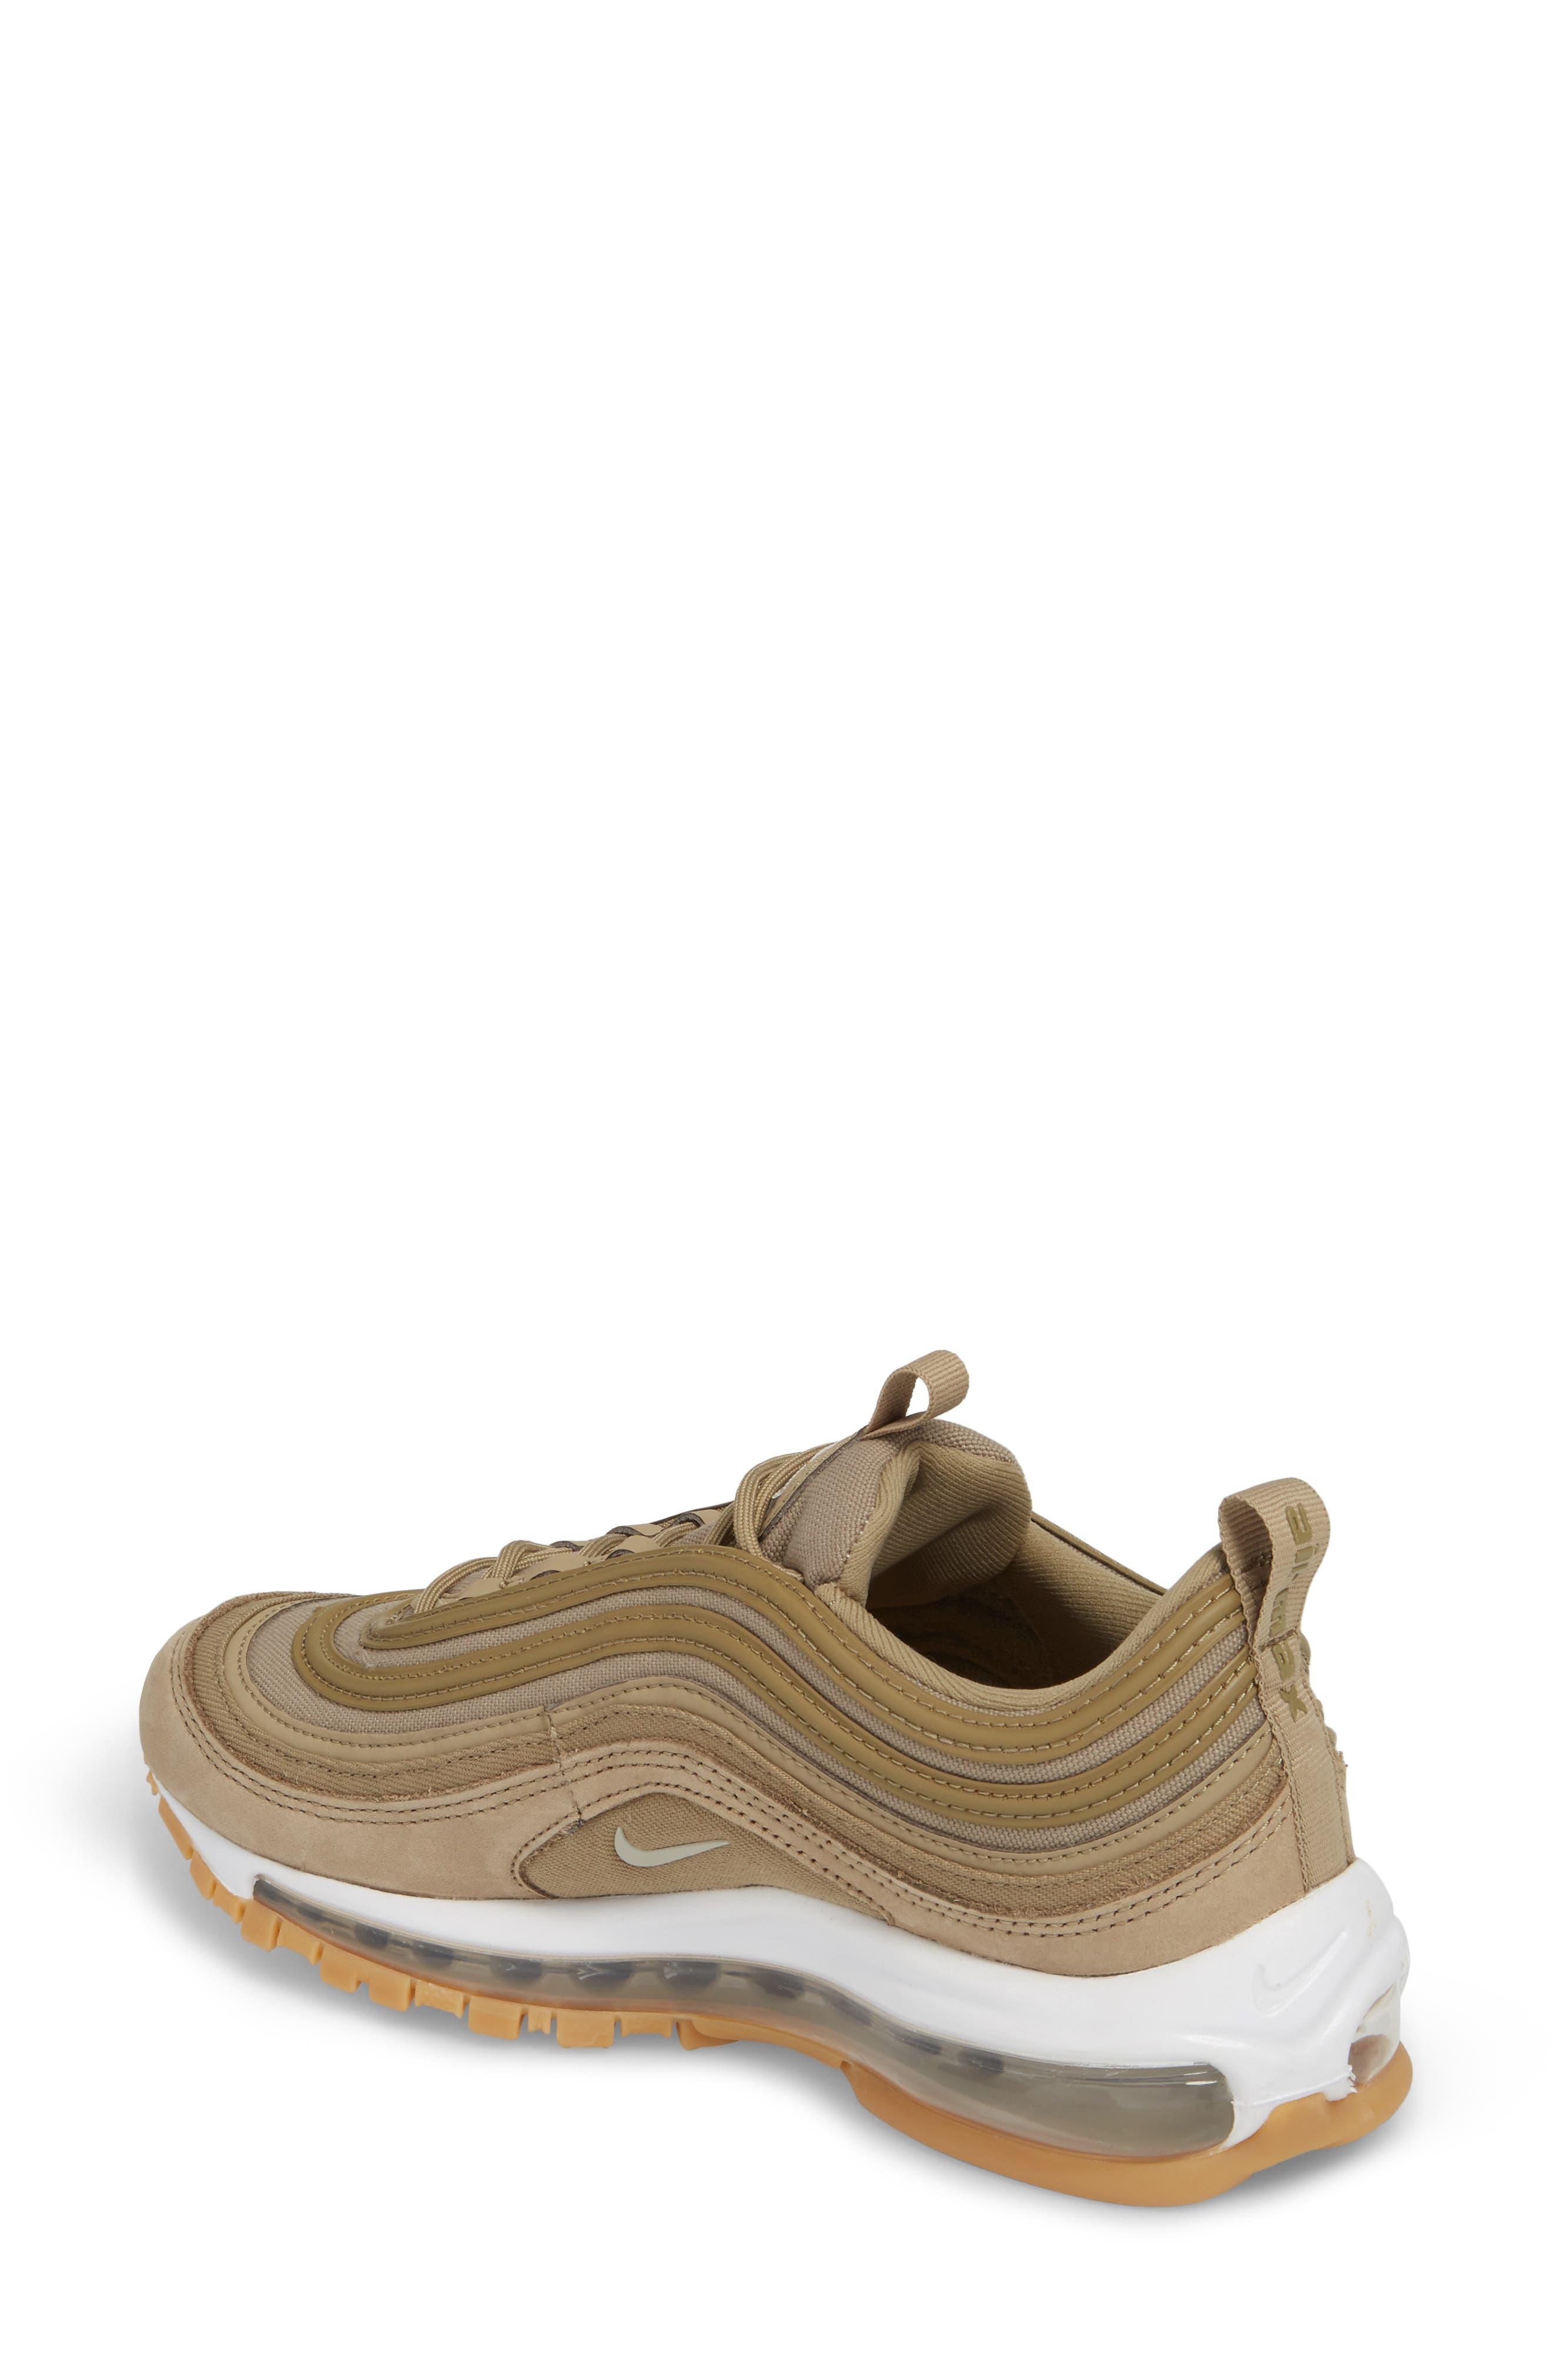 Air Max 97 UT Sneaker,                             Alternate thumbnail 2, color,                             255